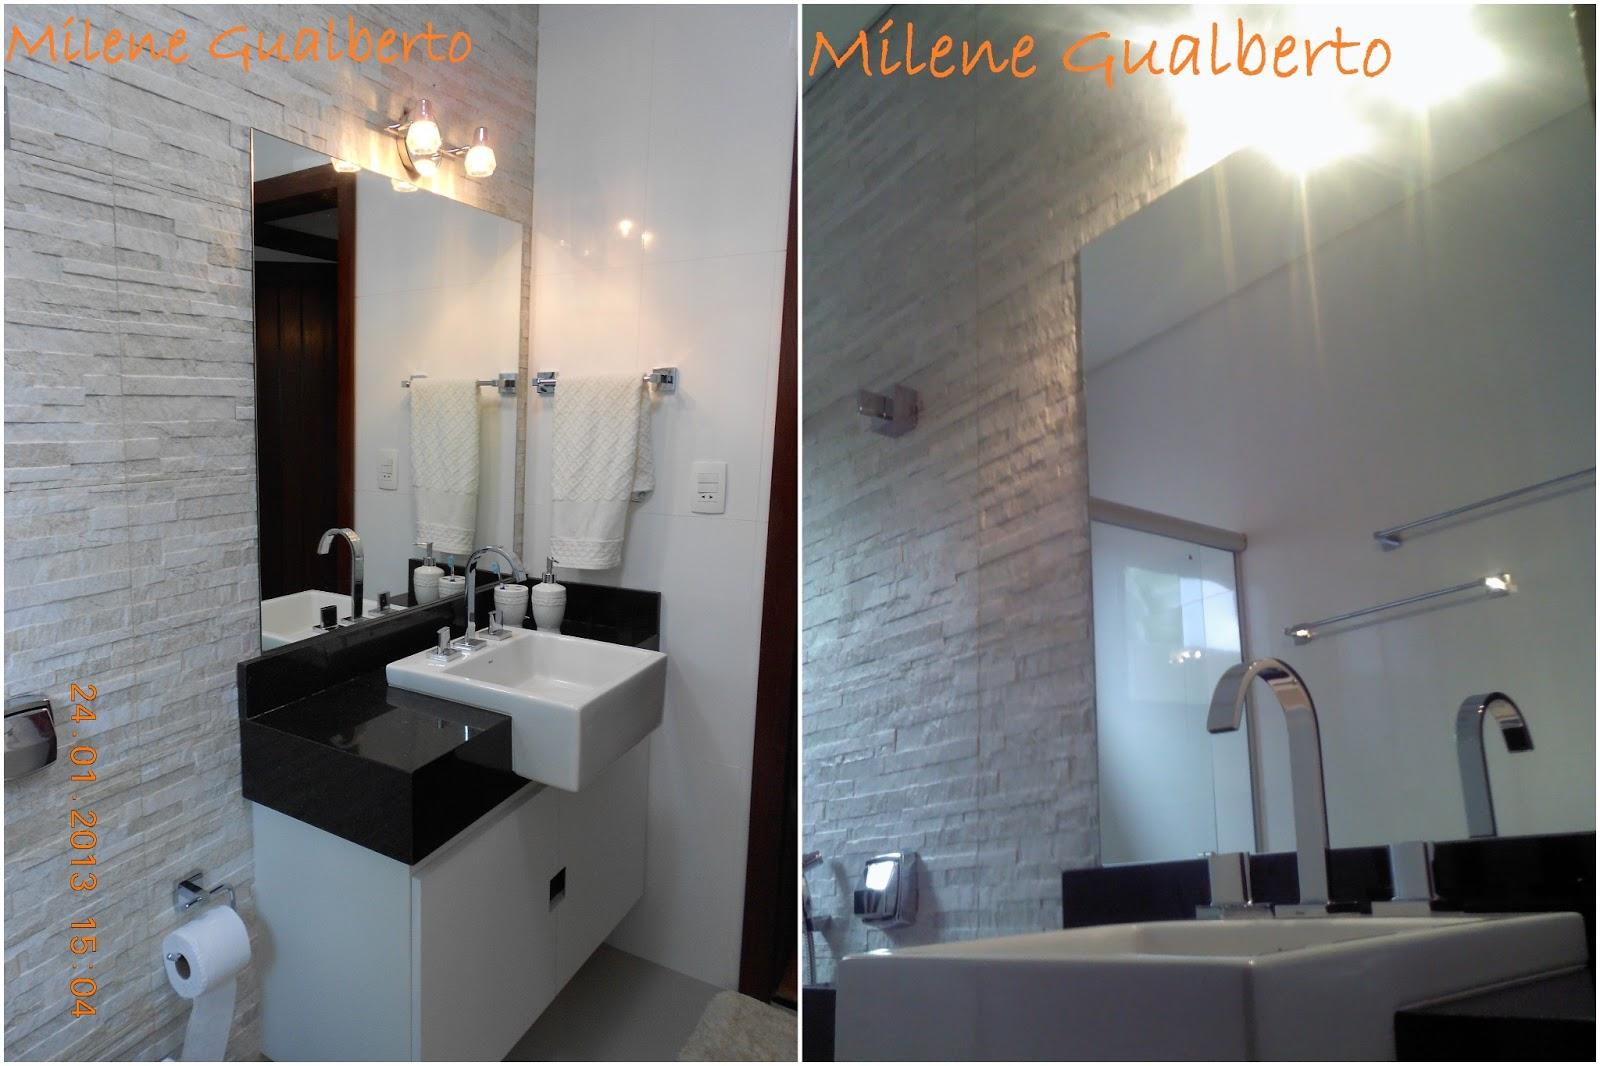 Milene Gualberto: Projetos Residênciais Banheiro Porcelanato HD #856146 1600x1066 Banheiro Com Porcelanato De Madeira